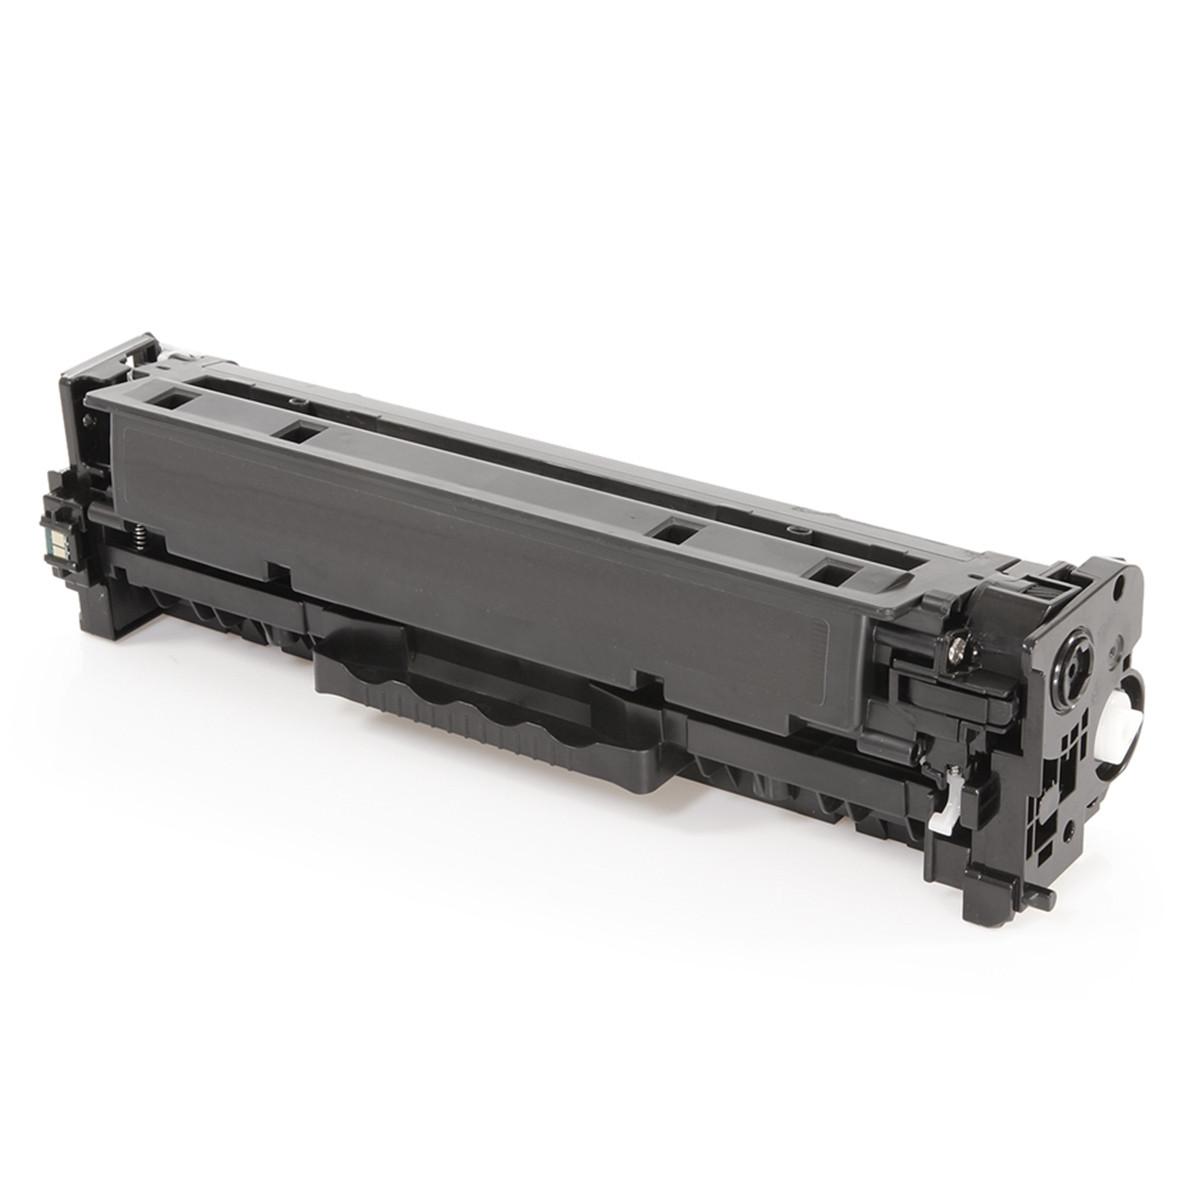 Toner Compatível com HP CE411A 305A Ciano Universal | M451 M351 M475 M451DW | Premium 2.8k